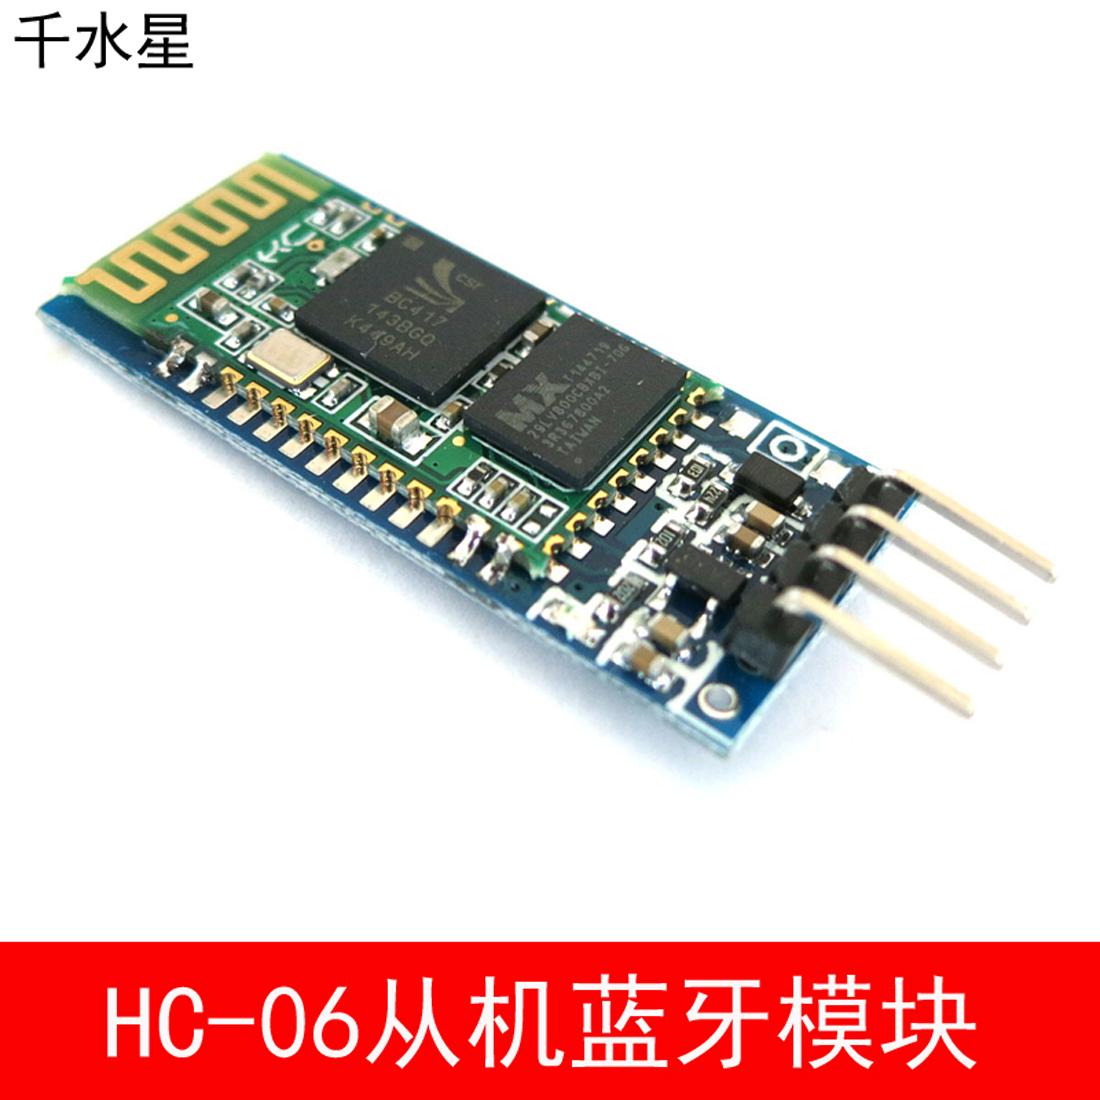 hc-06带底板蓝牙模块1个(已测试好,带透明热缩管保护,防静电包装)